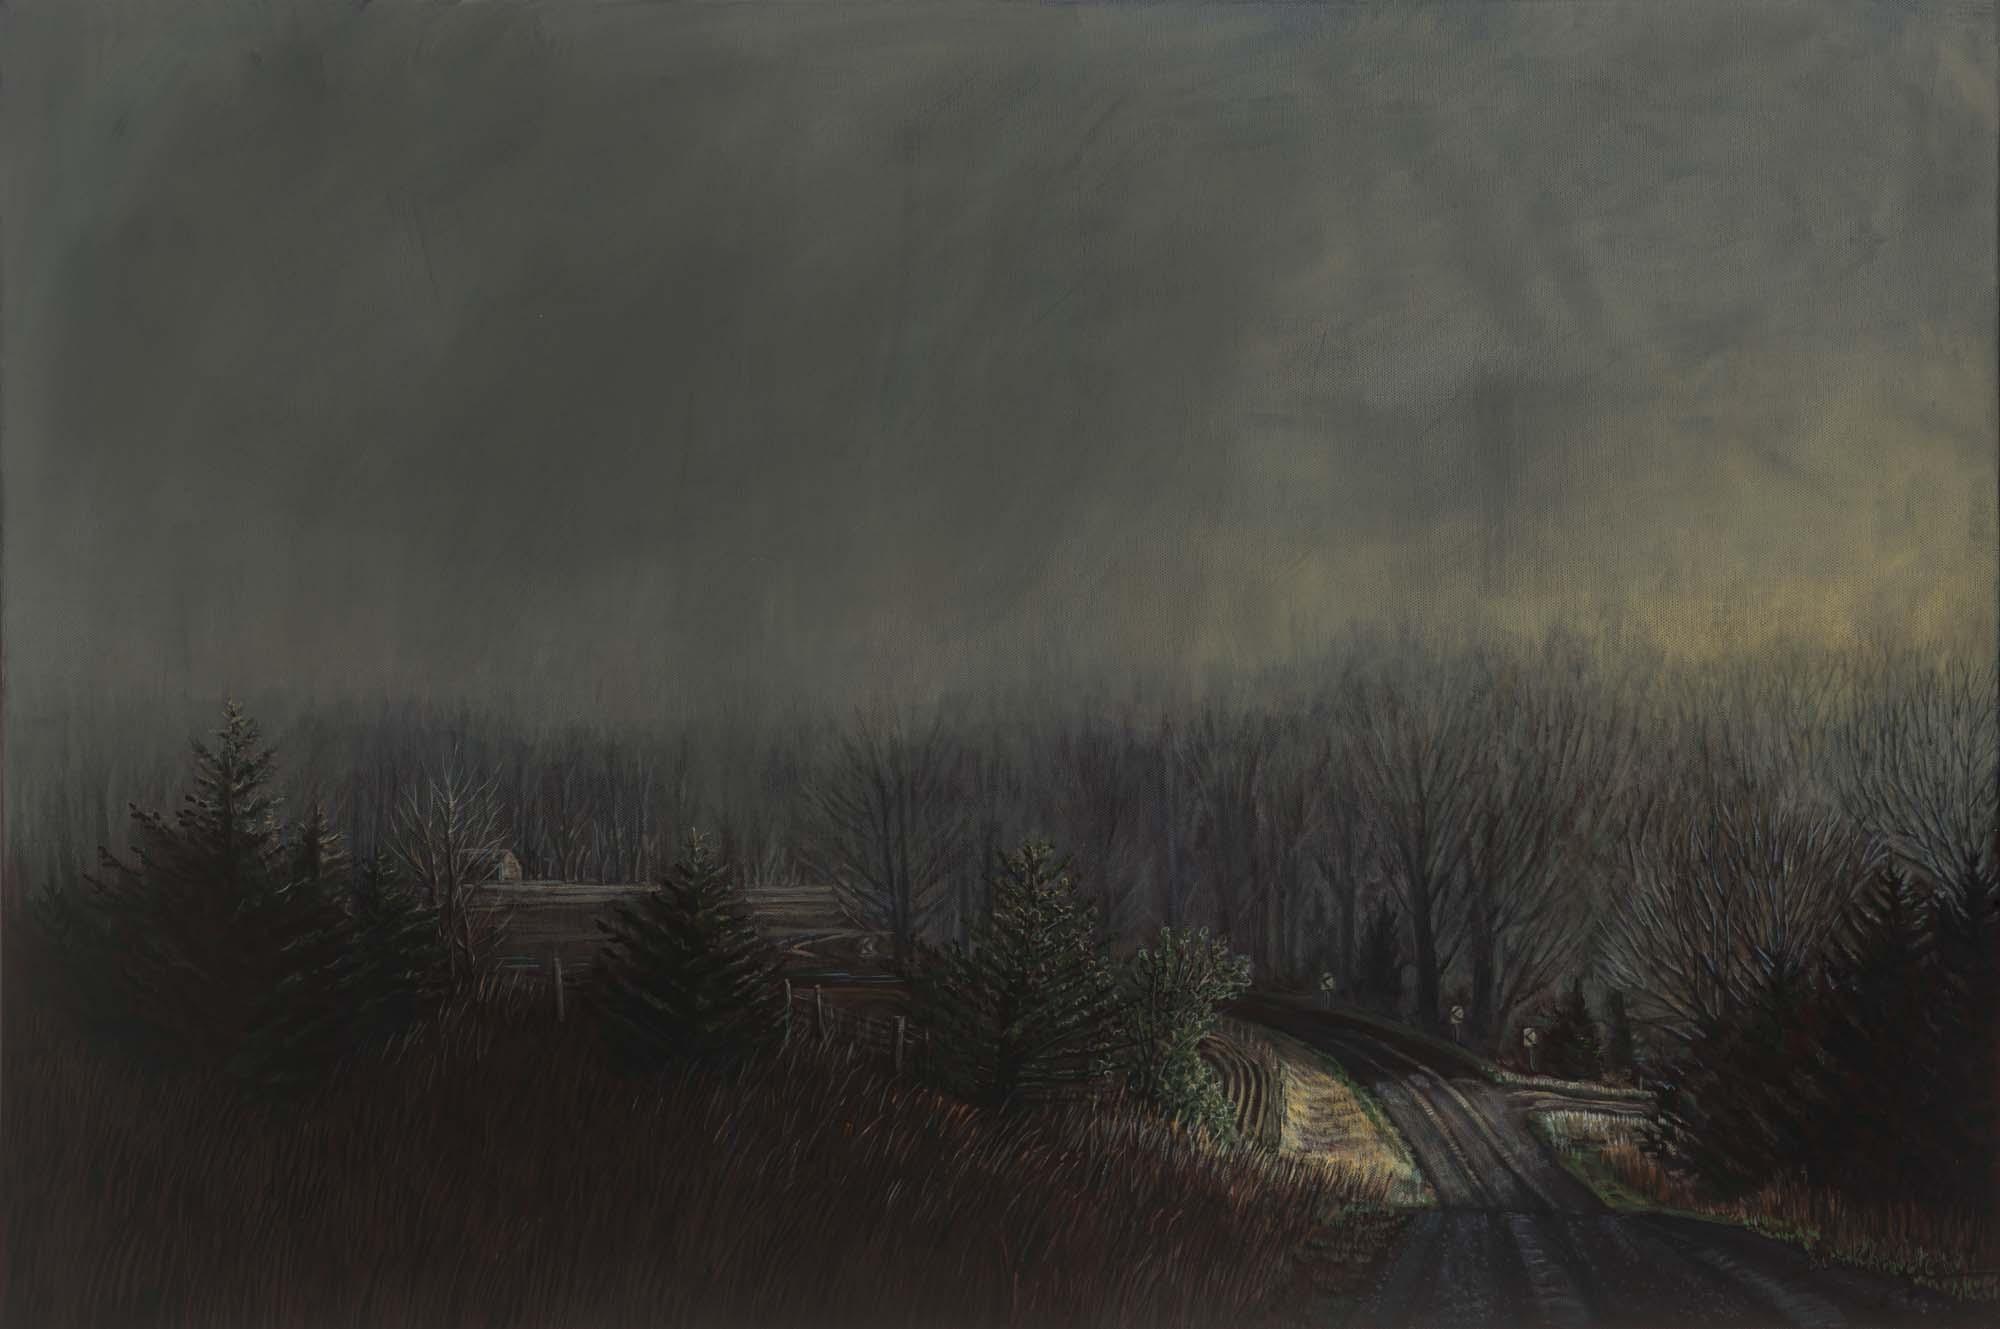 Anne Burkholder -  Horizon 1246 Foggy Morning East of Beatrice,  2018  Lincoln, NE